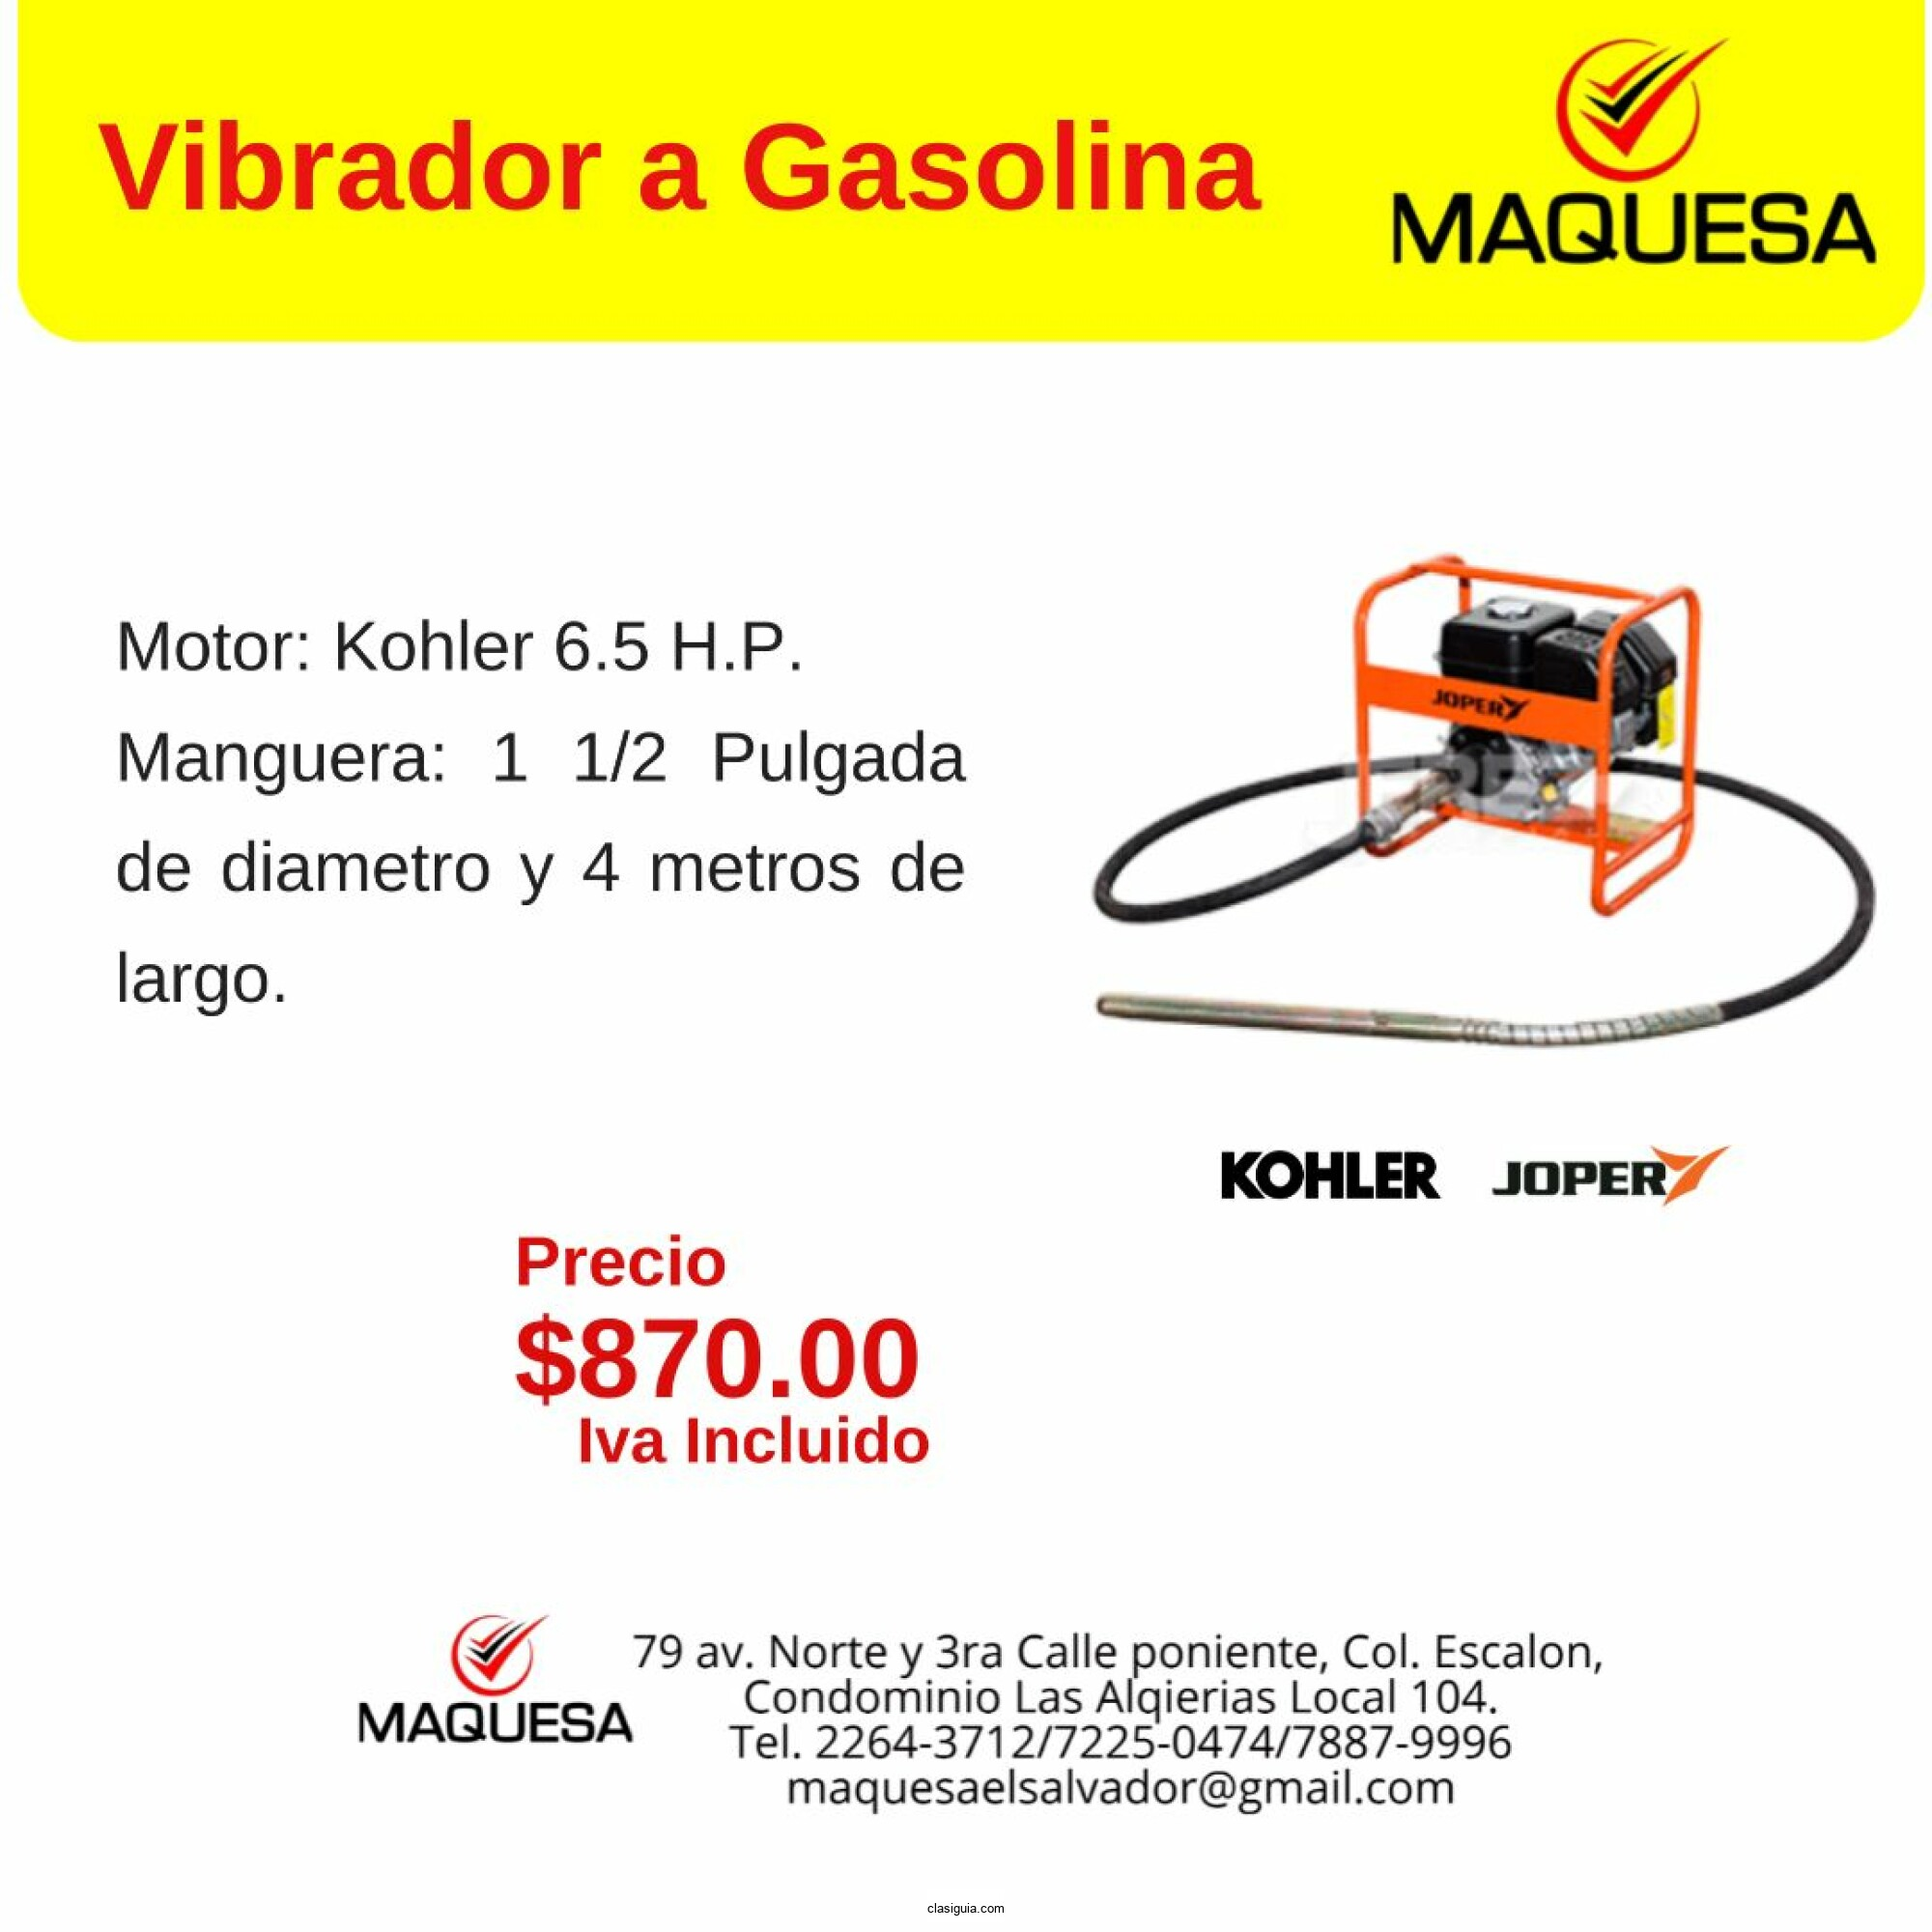 Vibrador A Gasolina  Maquesa El Salvador